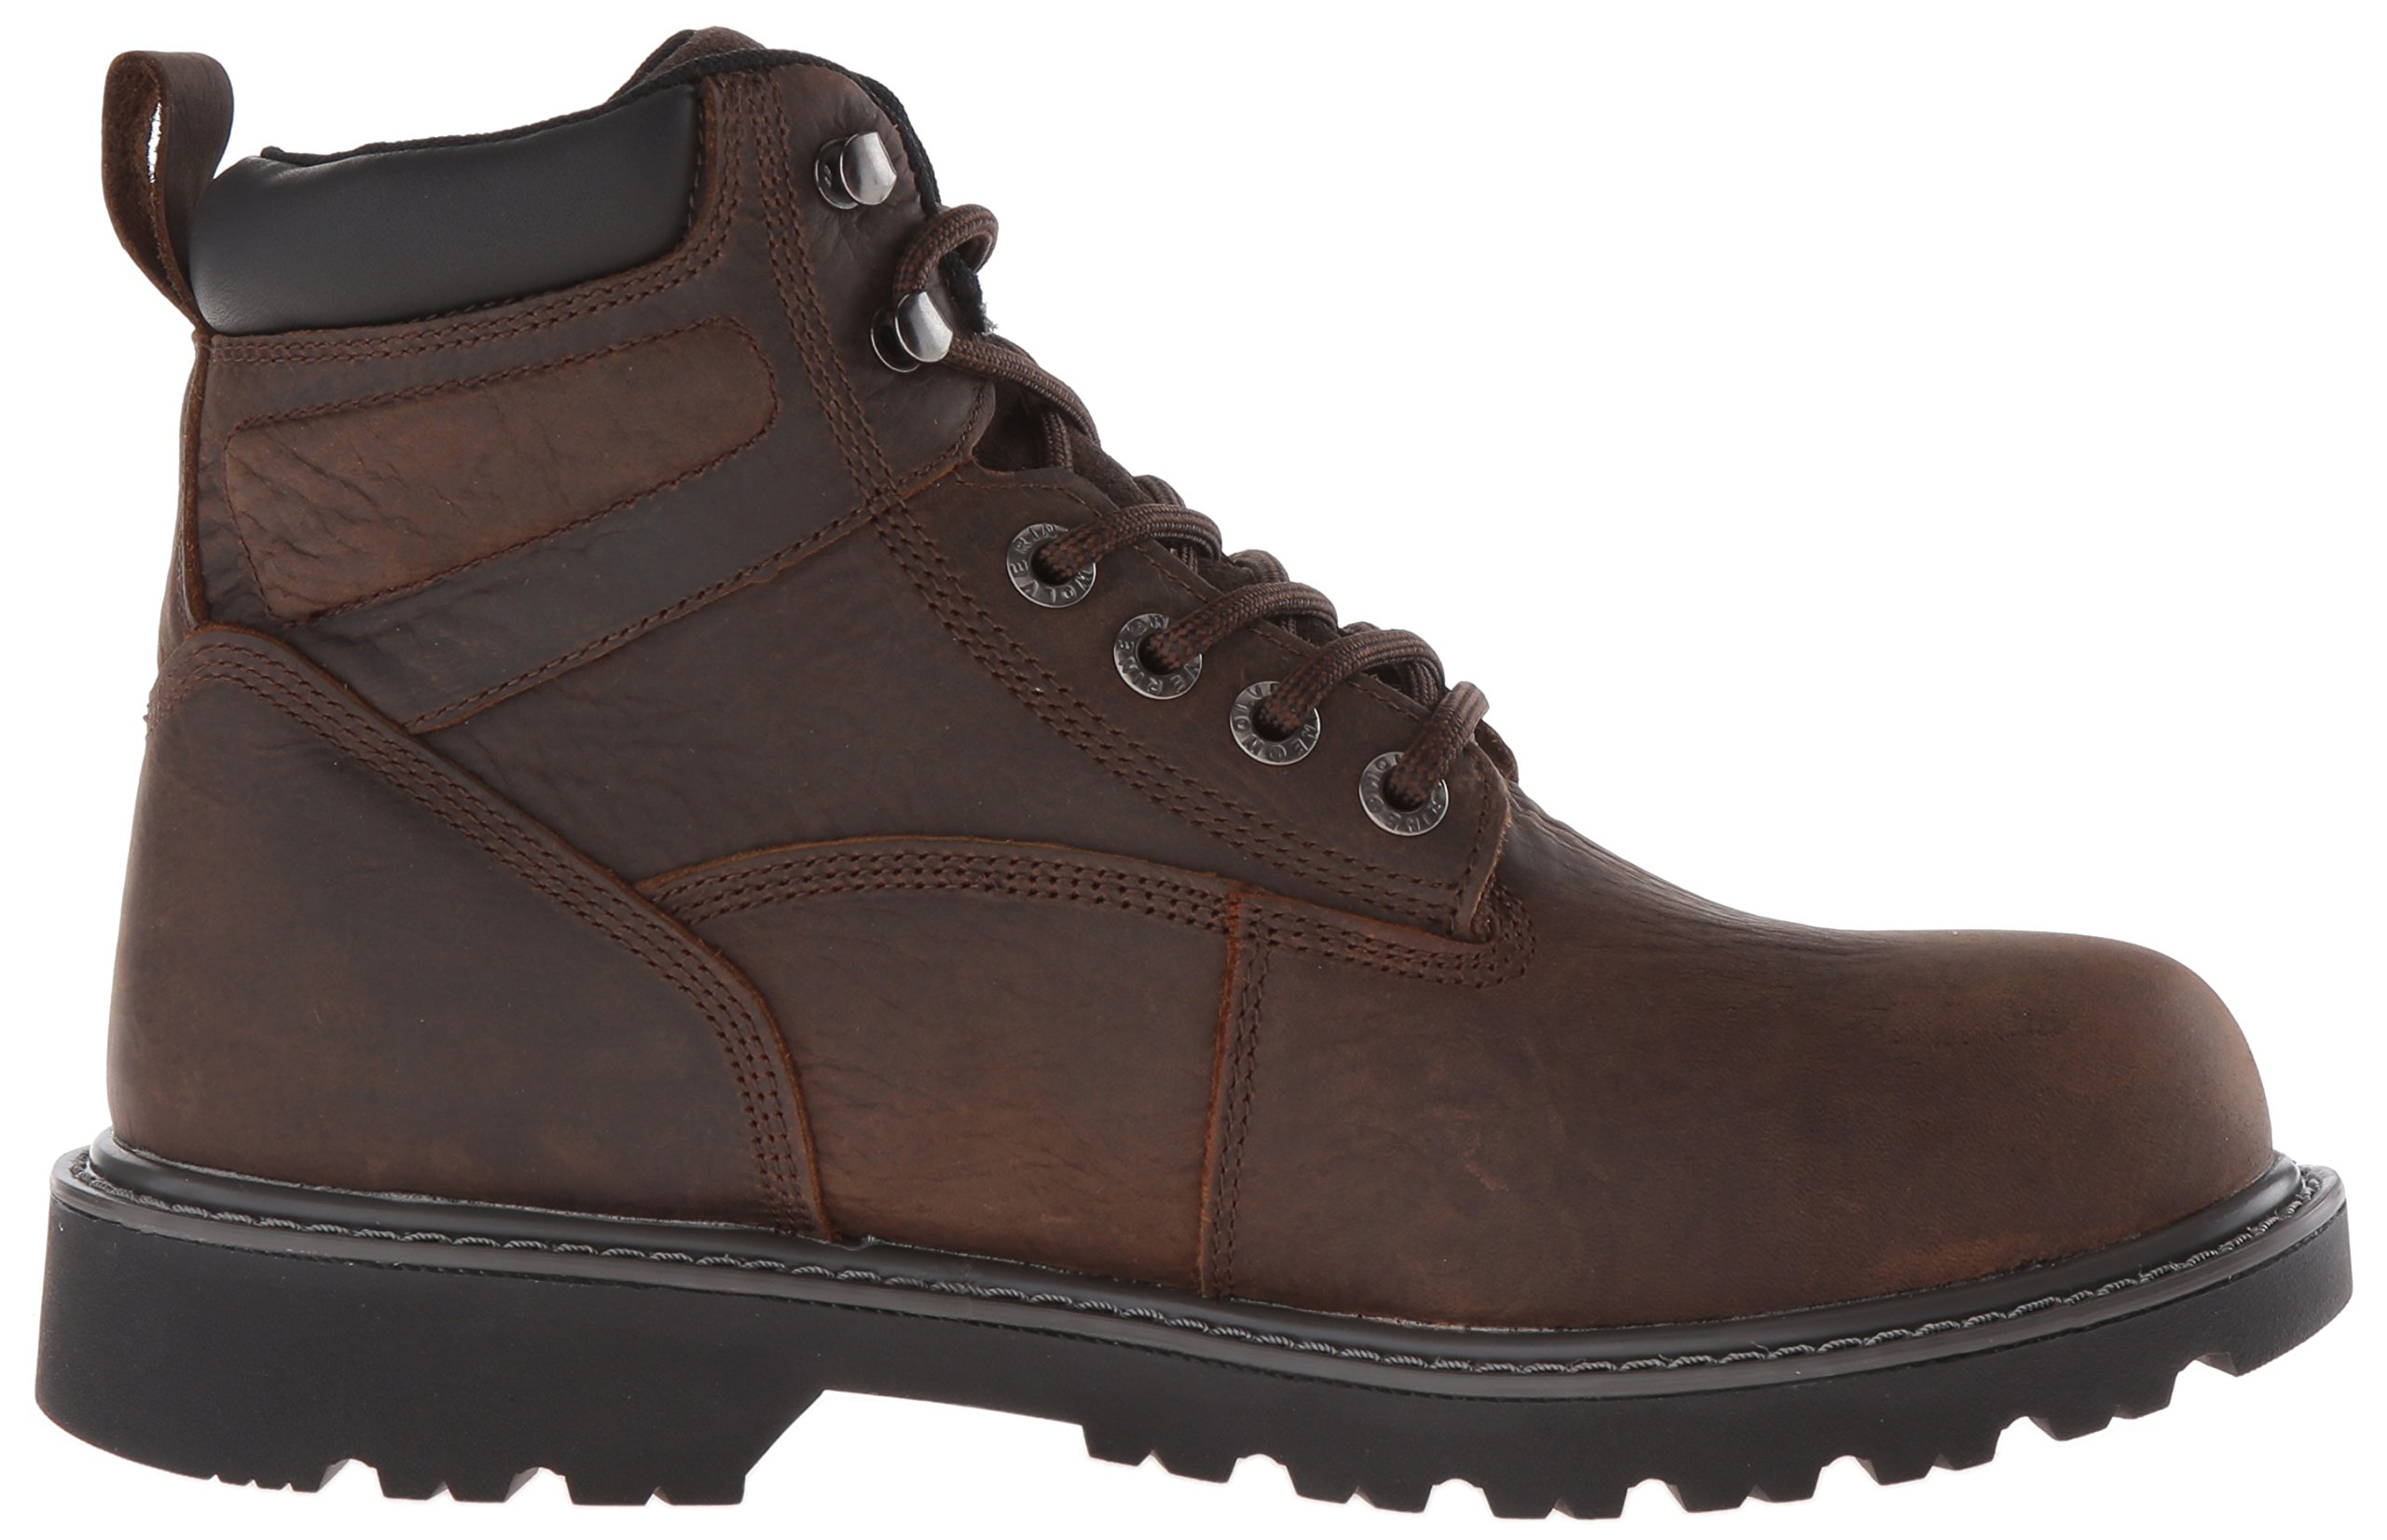 Wolverine Men's Floorhand 6 Inch Waterproof Steel Toe Work Shoe, Dark Brown, 9.5 M US by Wolverine (Image #7)